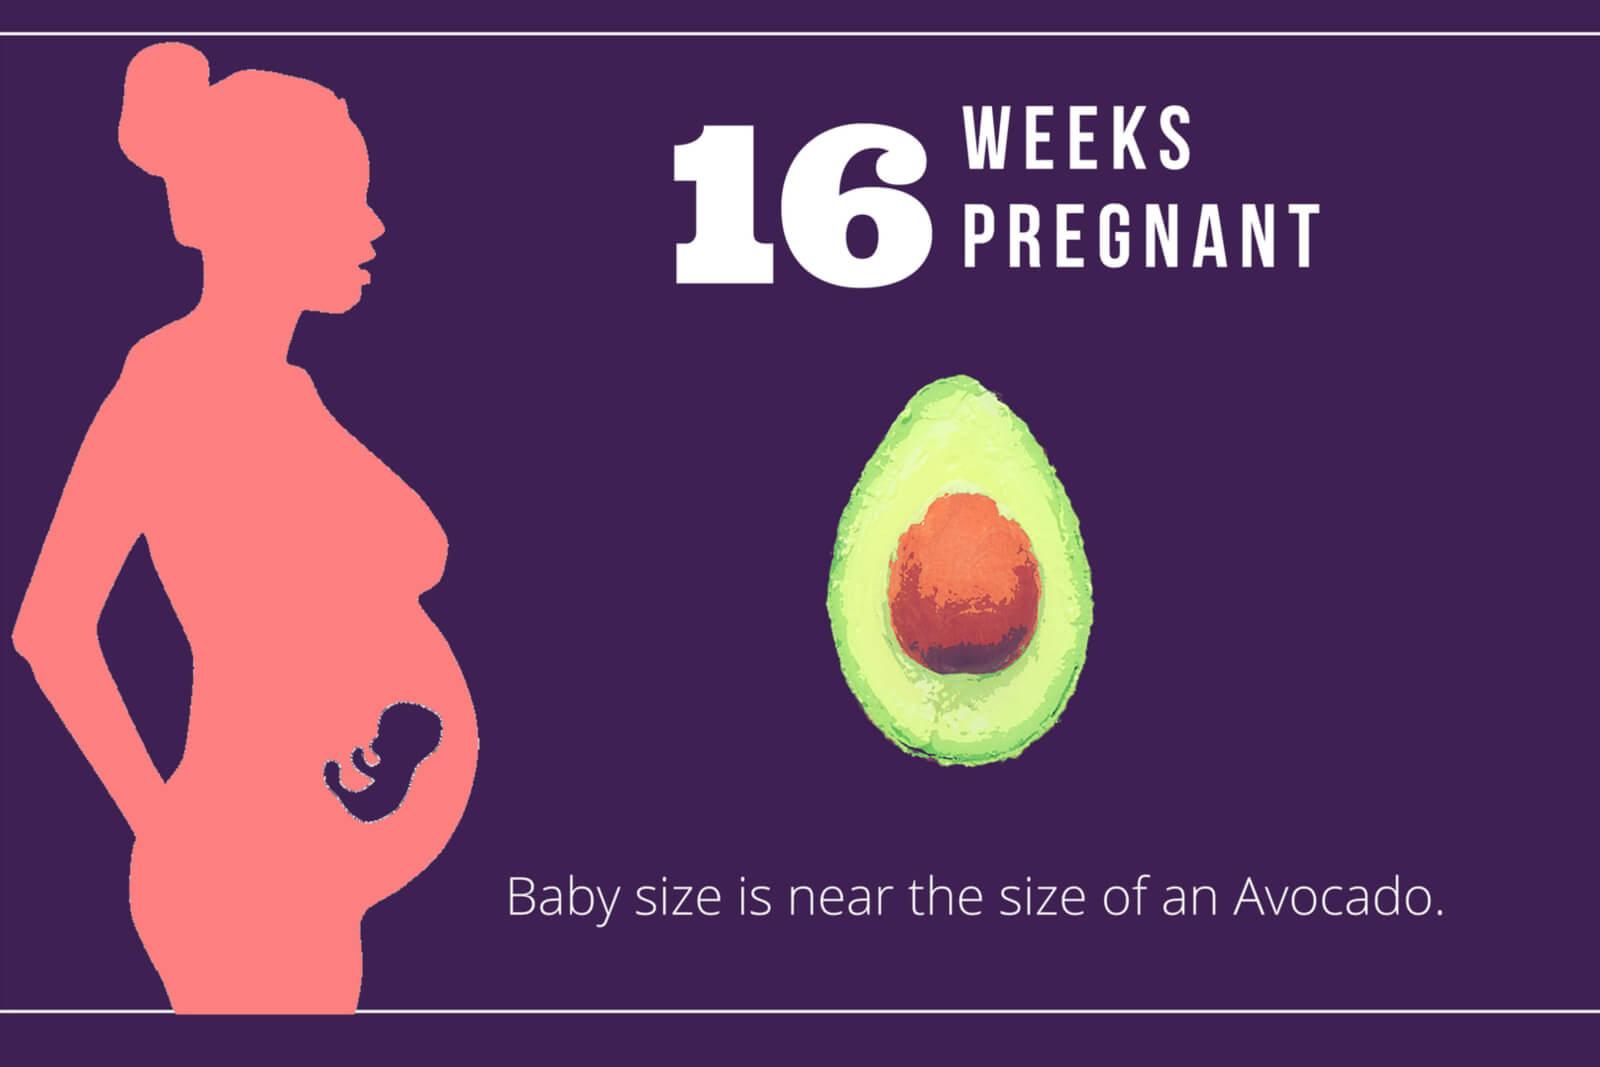 16-Weeks-Pregnant-Hero-Image